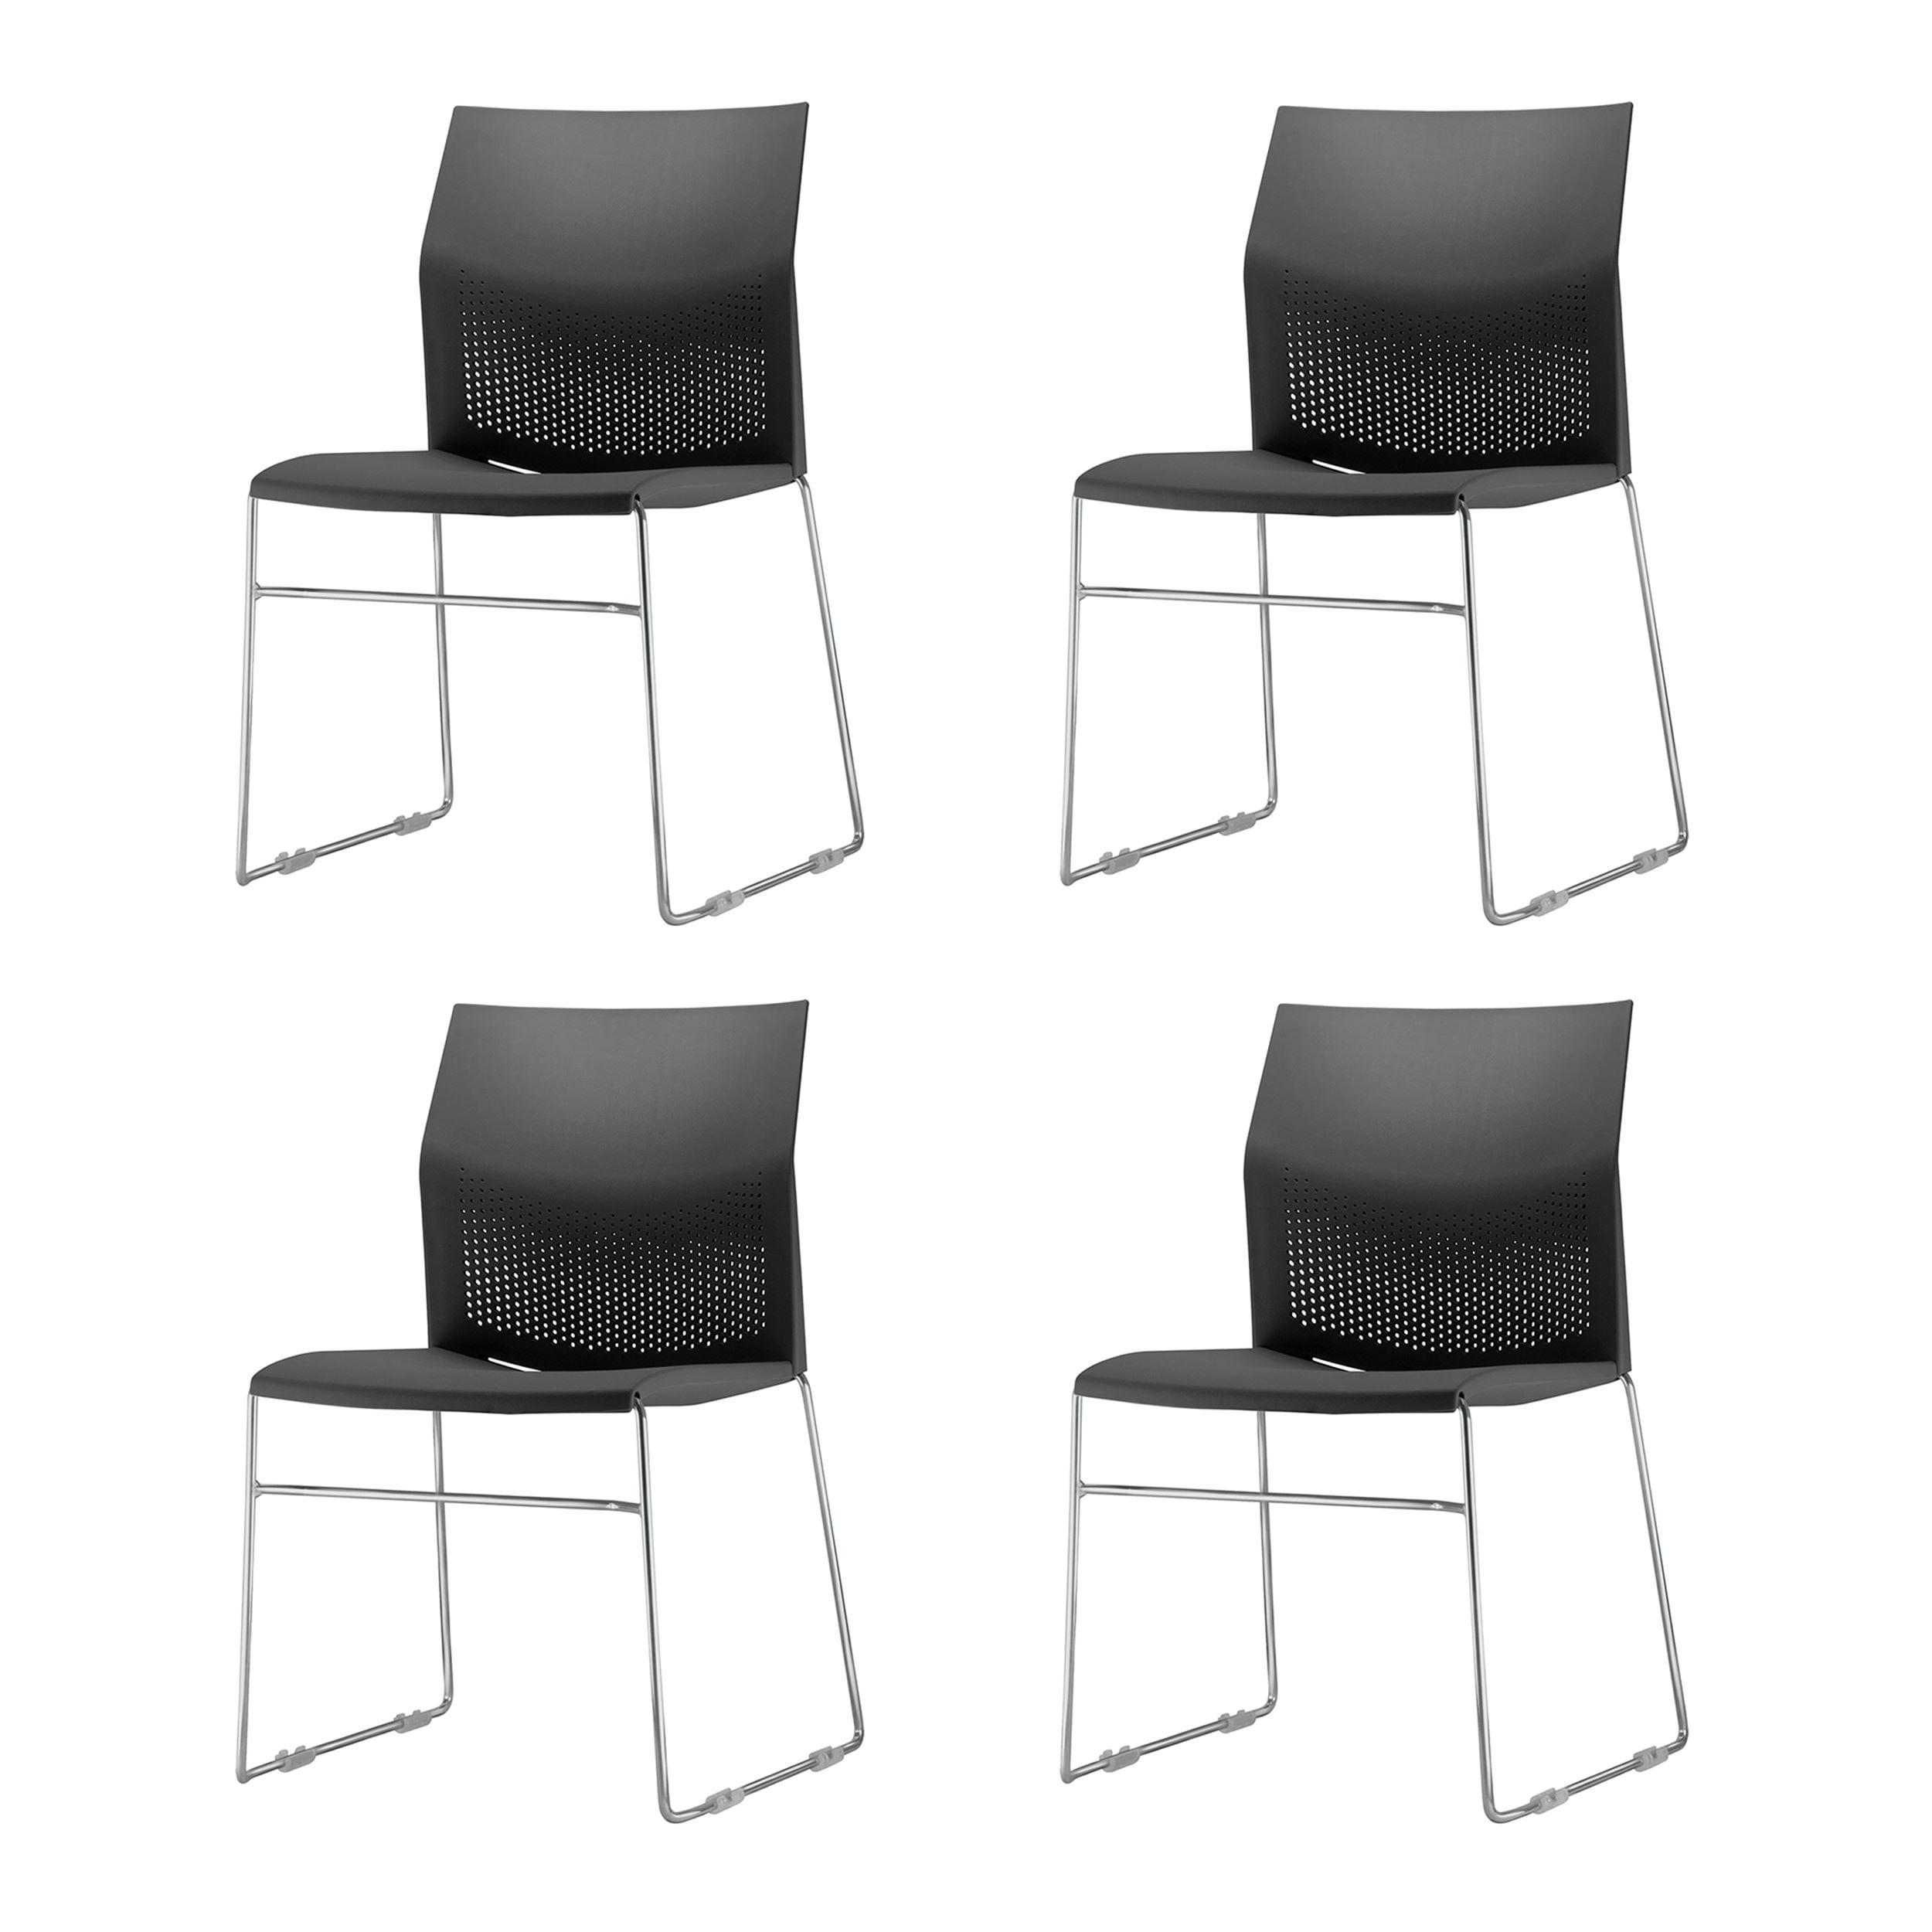 Kit 4 Cadeiras Connect Assento Preto Base Fixa Cromada - 57595